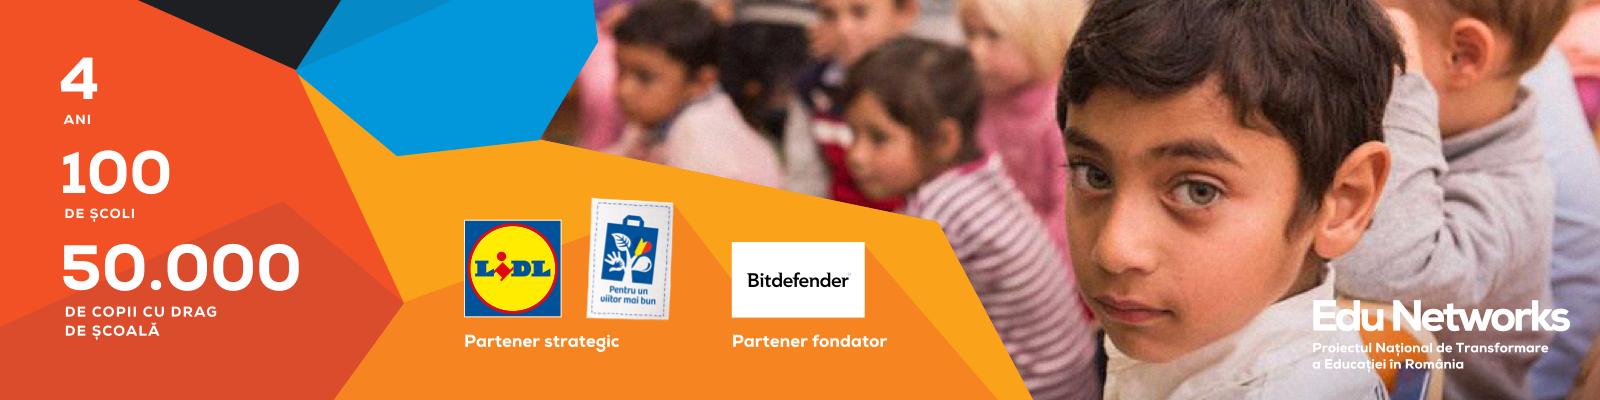 Edu Networks caută 100 de școli motivate să ridice calitatea educației pentru 50.000 de copii